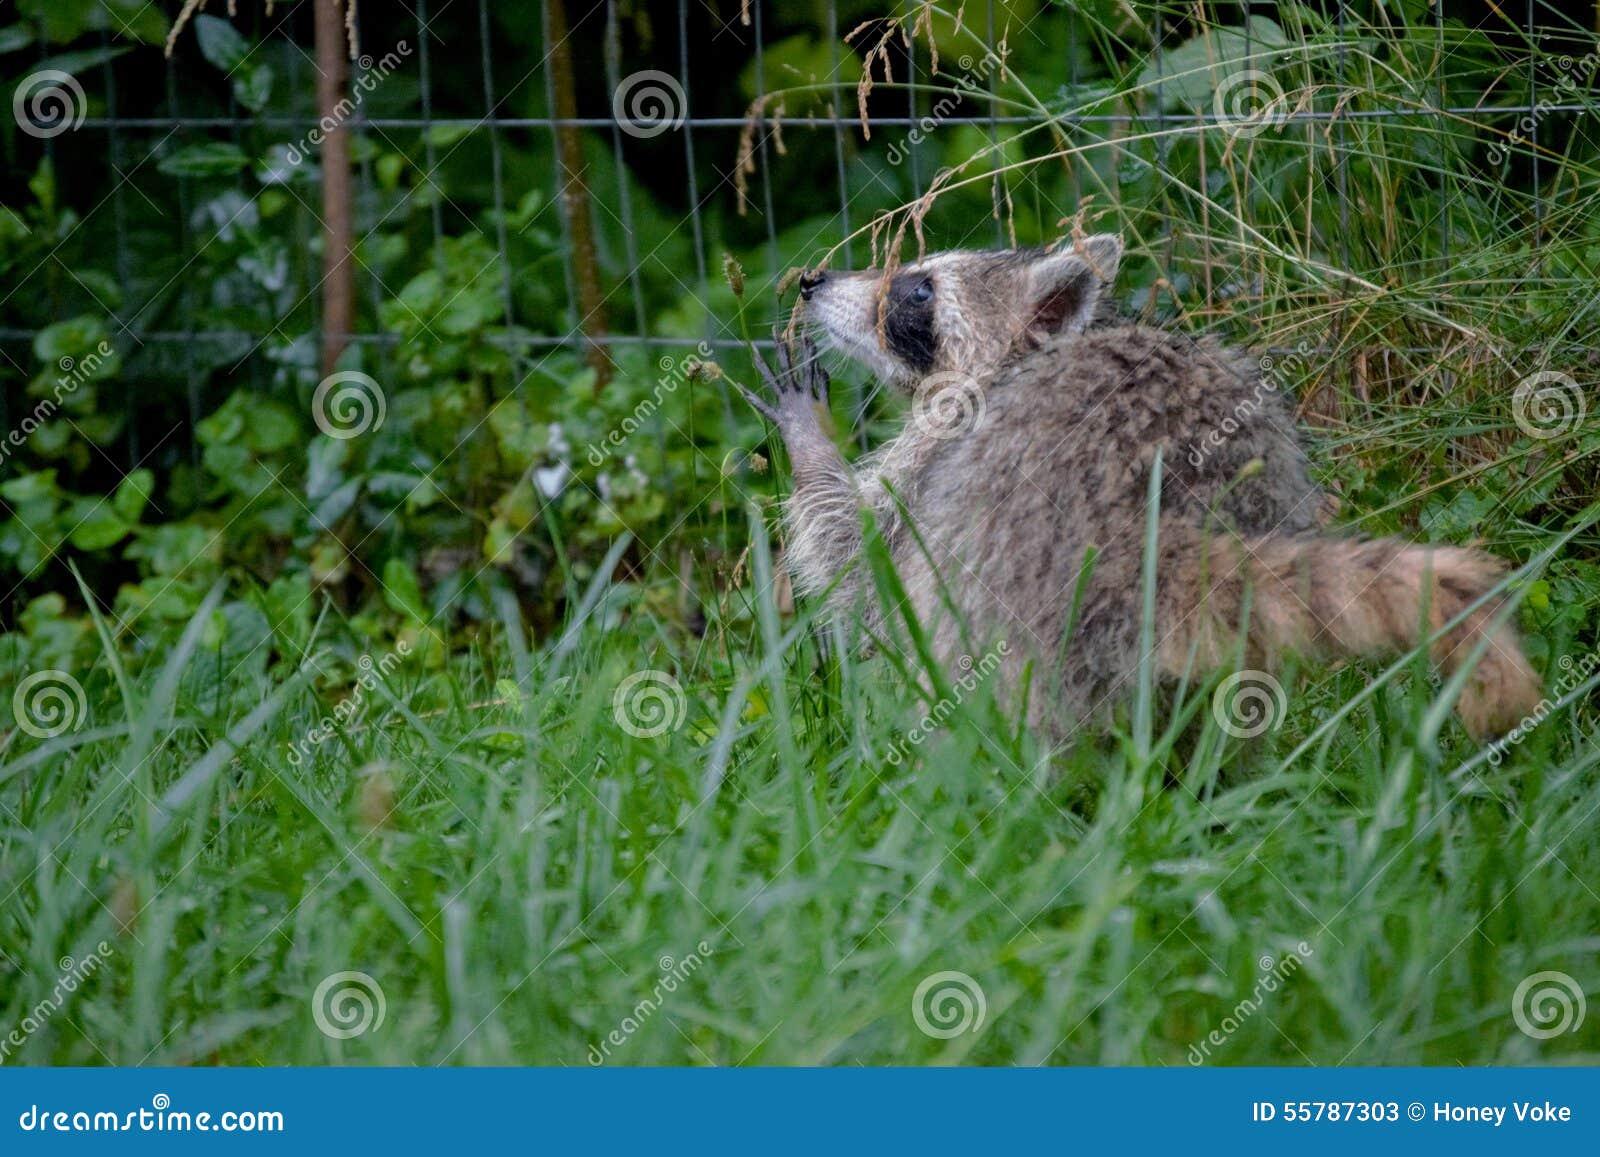 Raccoon in the backyard stock image. Image of wildlife ...